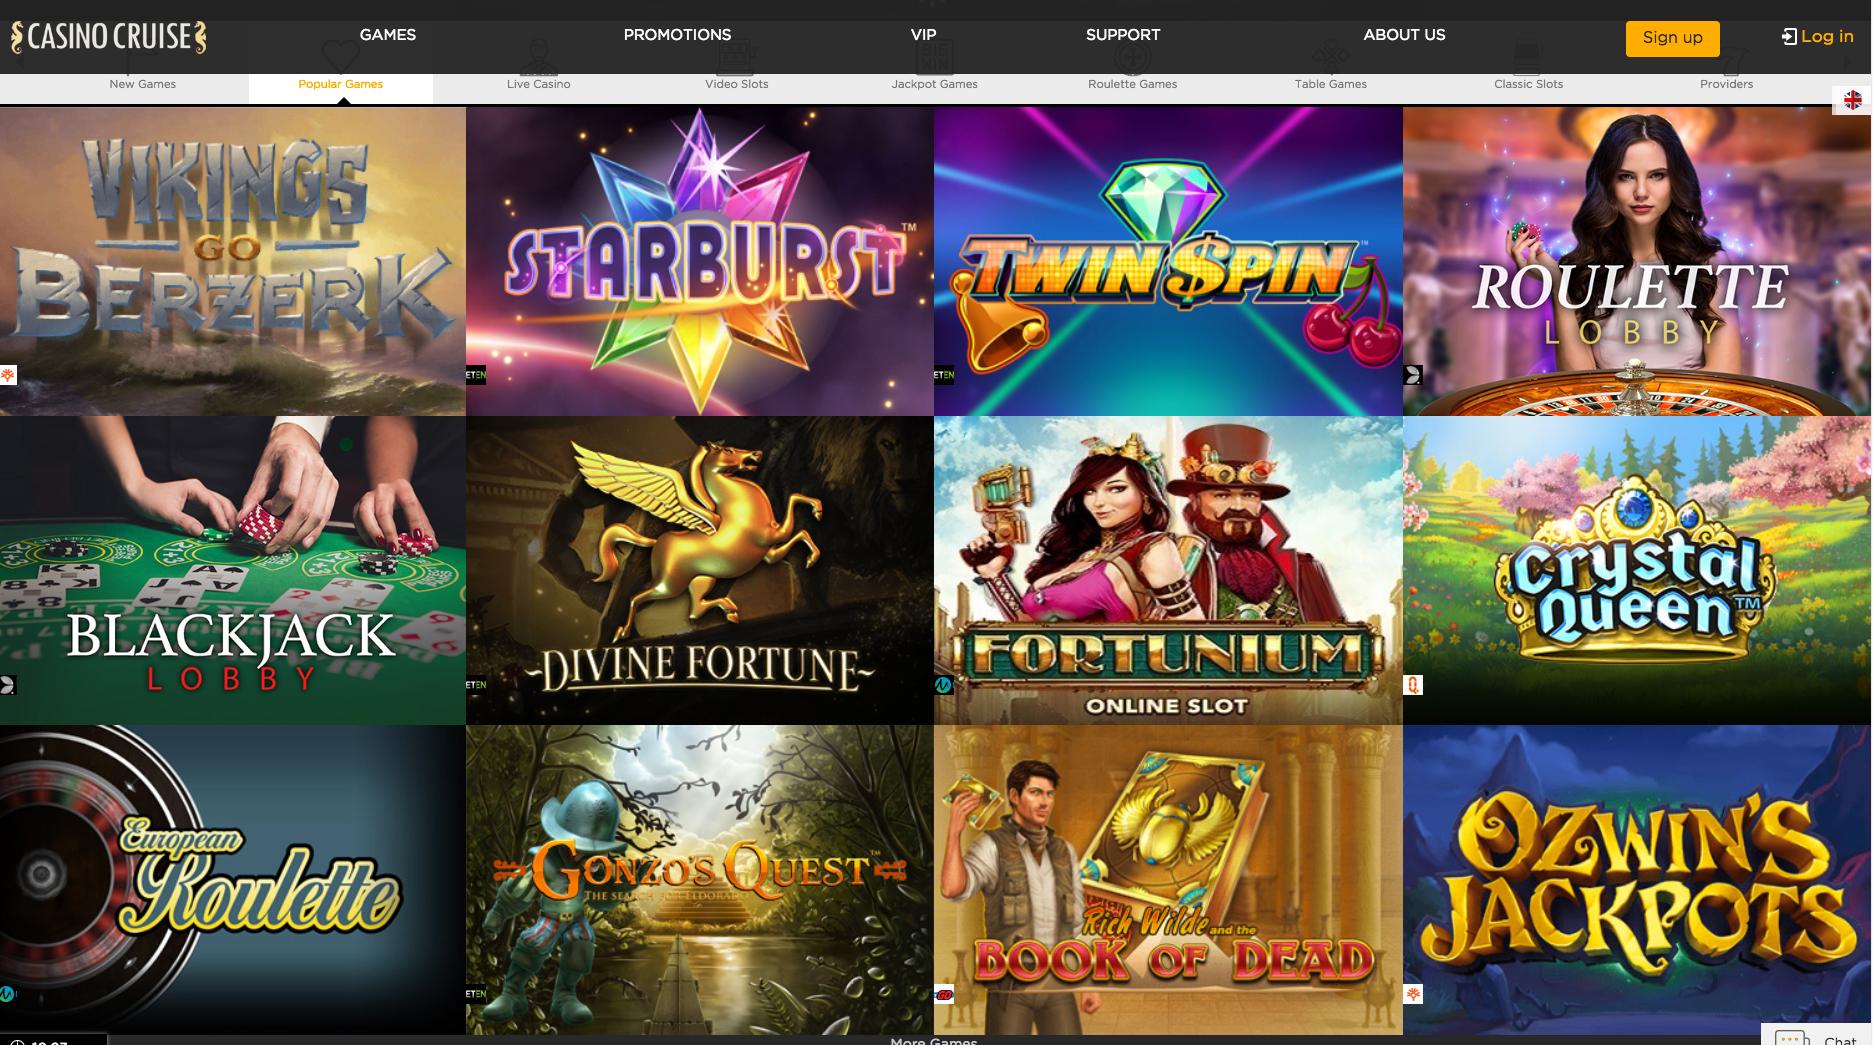 Casino Cruise Casino games options